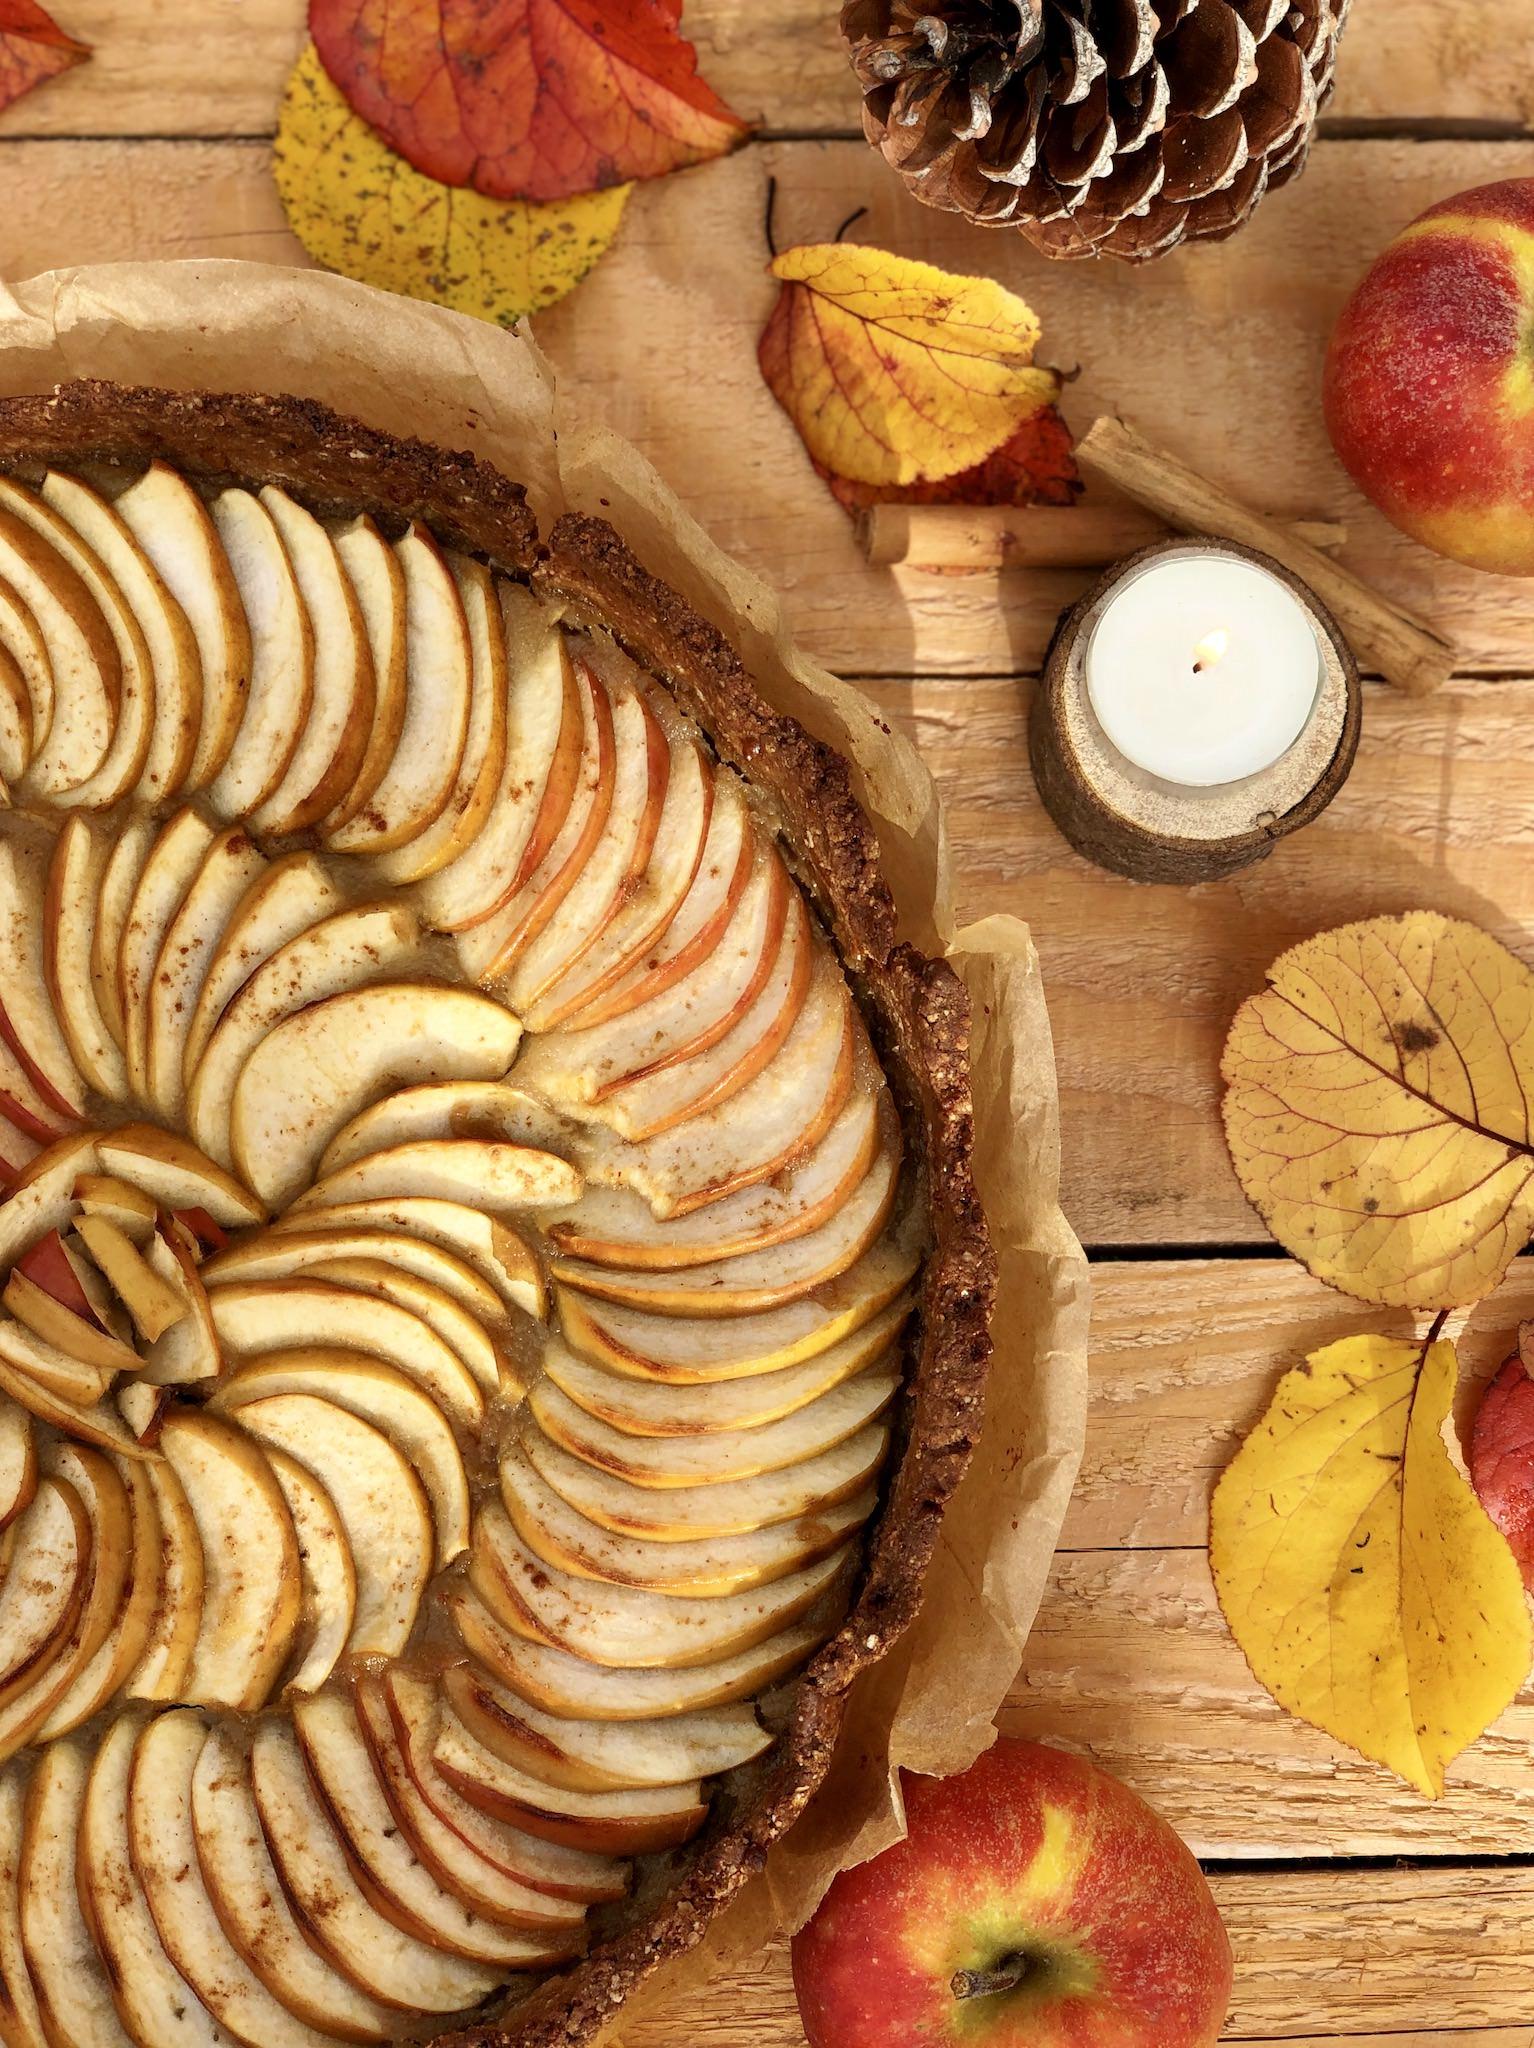 Une recette de tarte aux pommes sans gluten, sans lactose, sans œuf, sans soja, sans fruit à coque